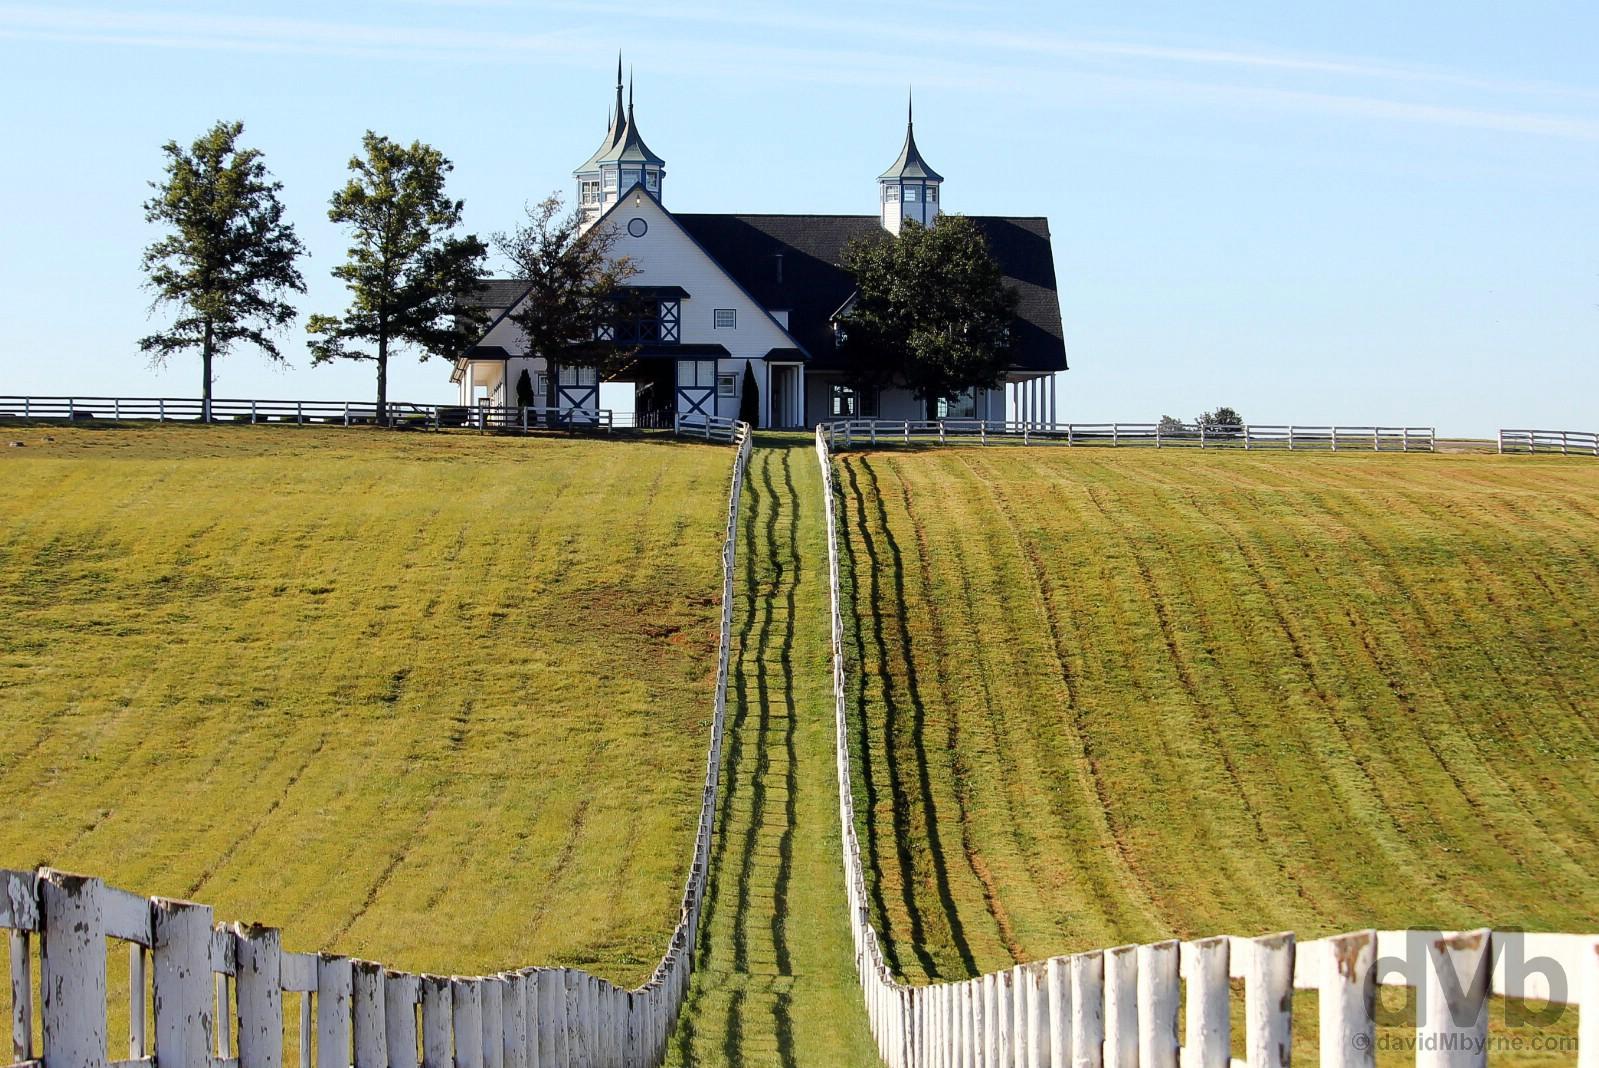 Manchester Farm as seen from Van Meter Road, Lexington, Kentucky. USA. September 27, 2016.